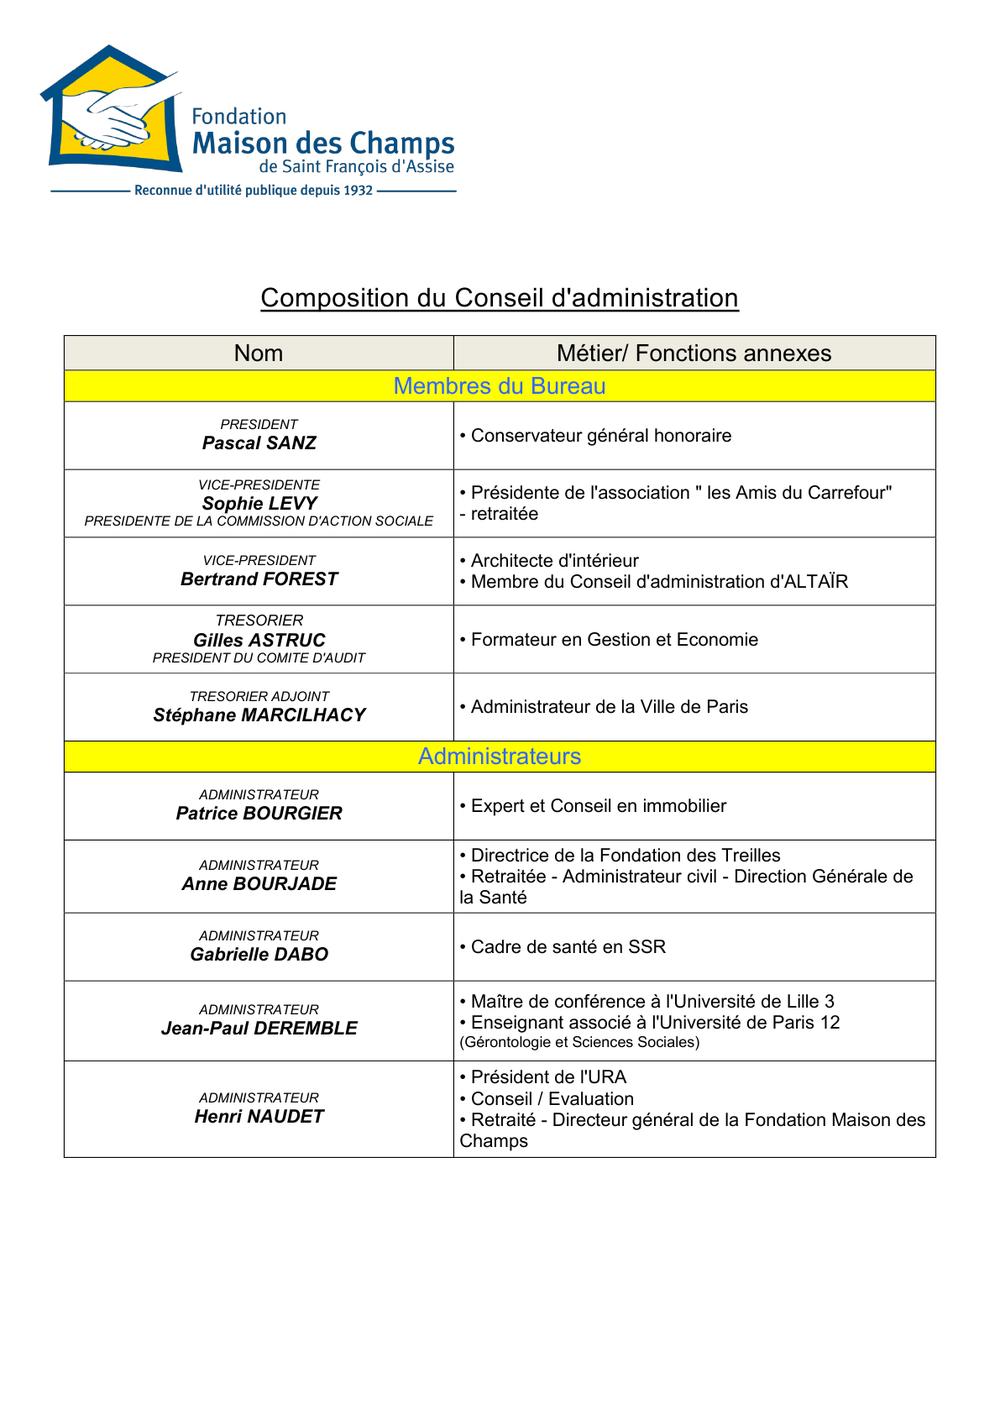 Composition_du_Conseil_d_administration